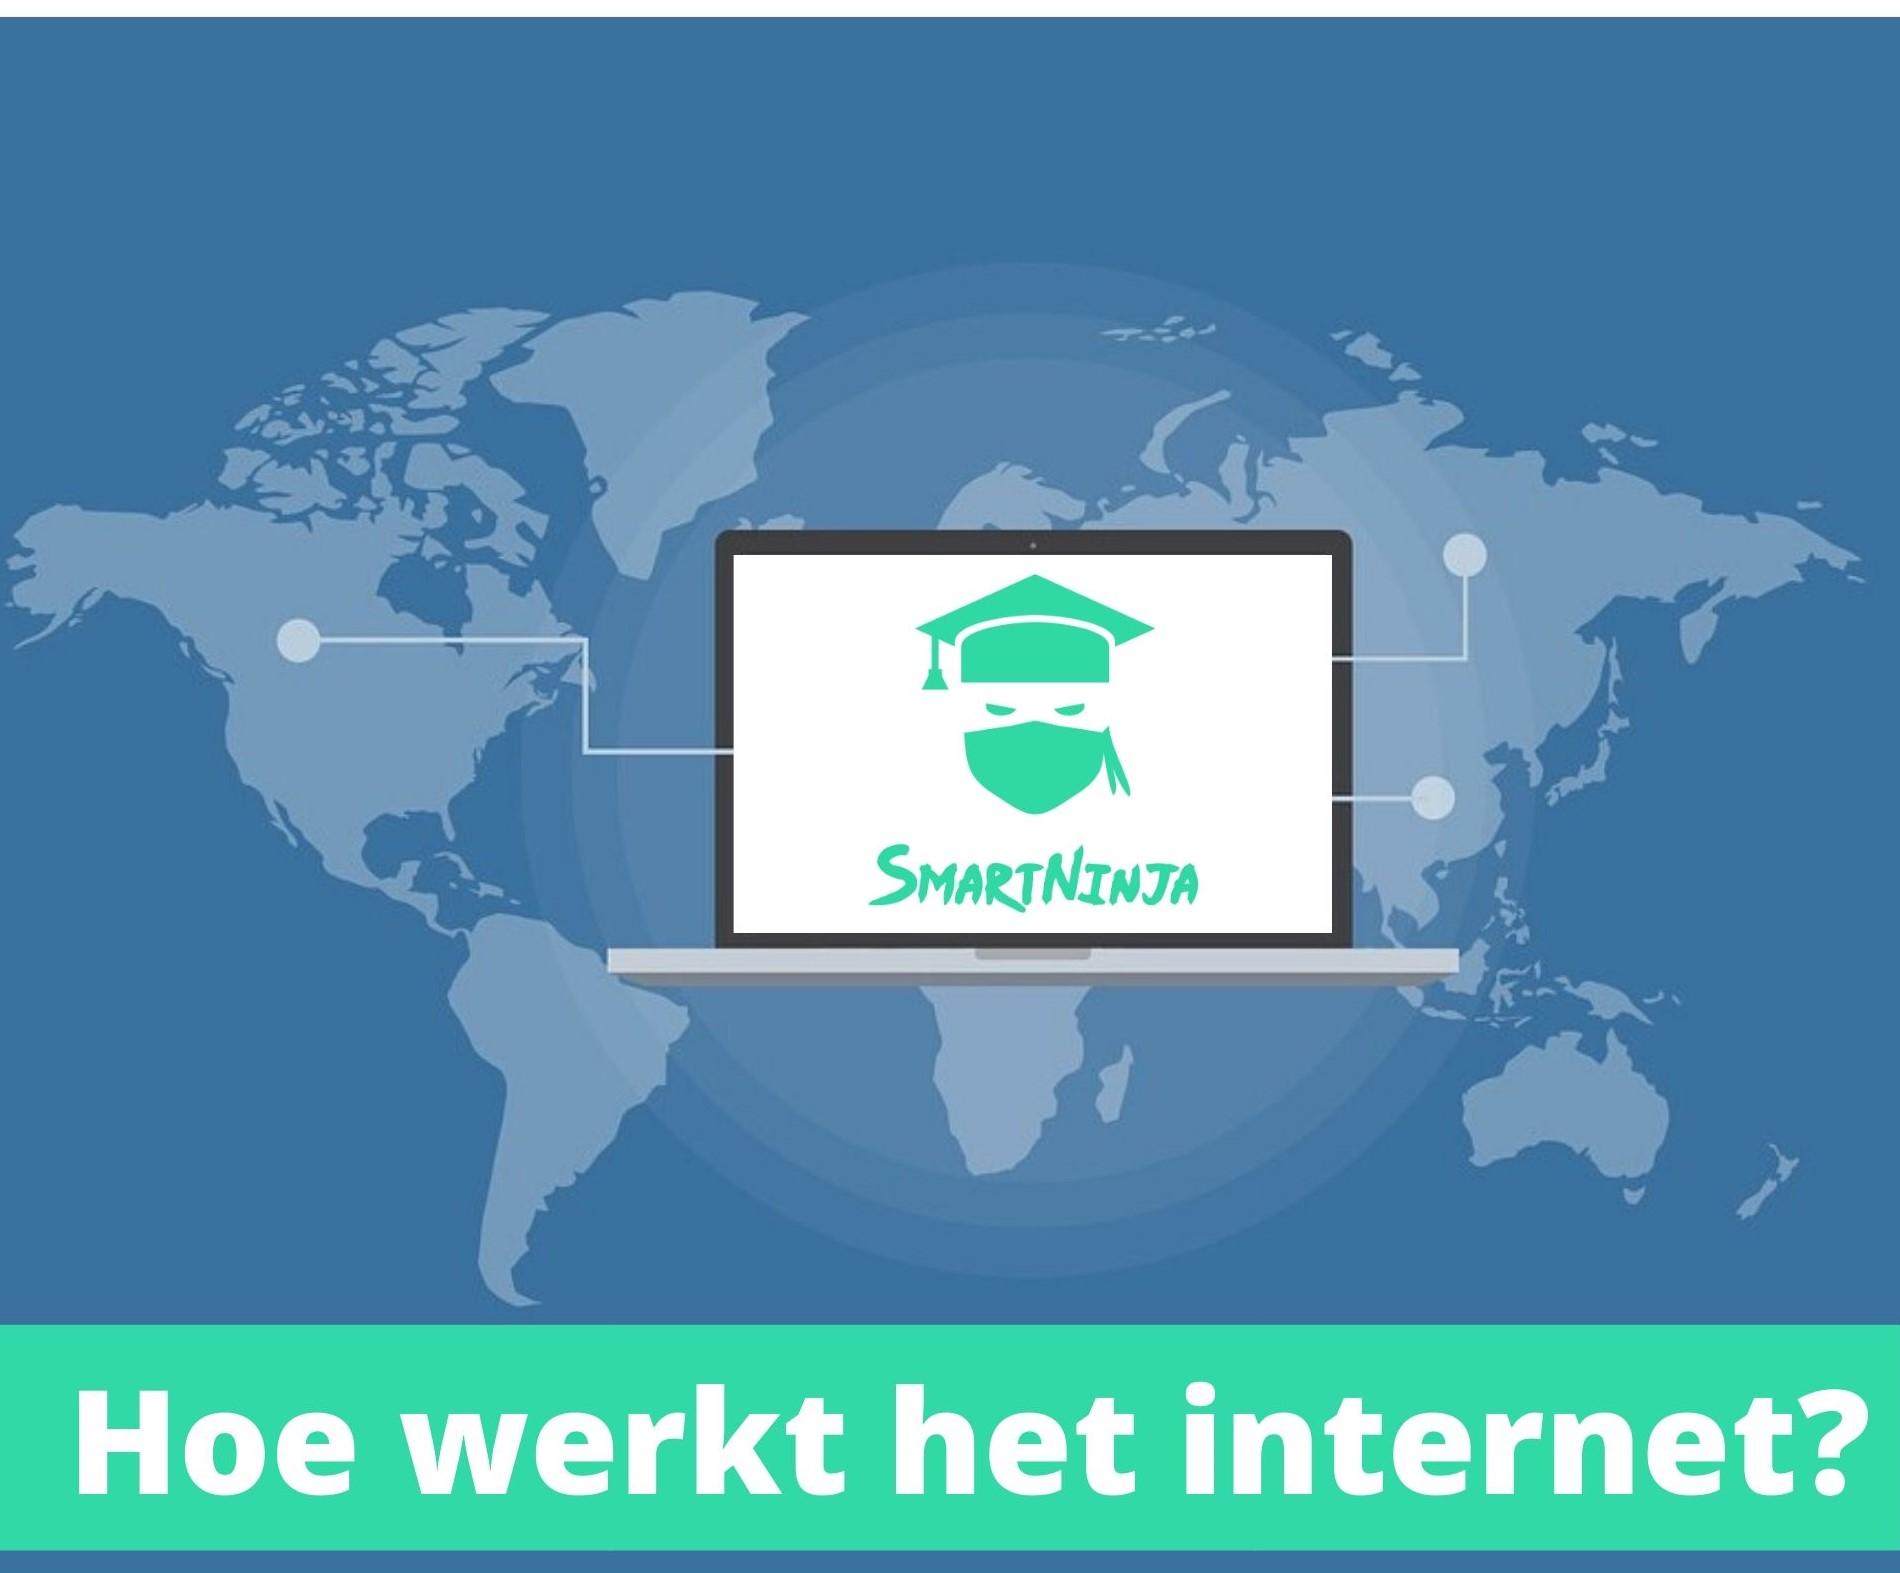 Hoe werkt het internet?